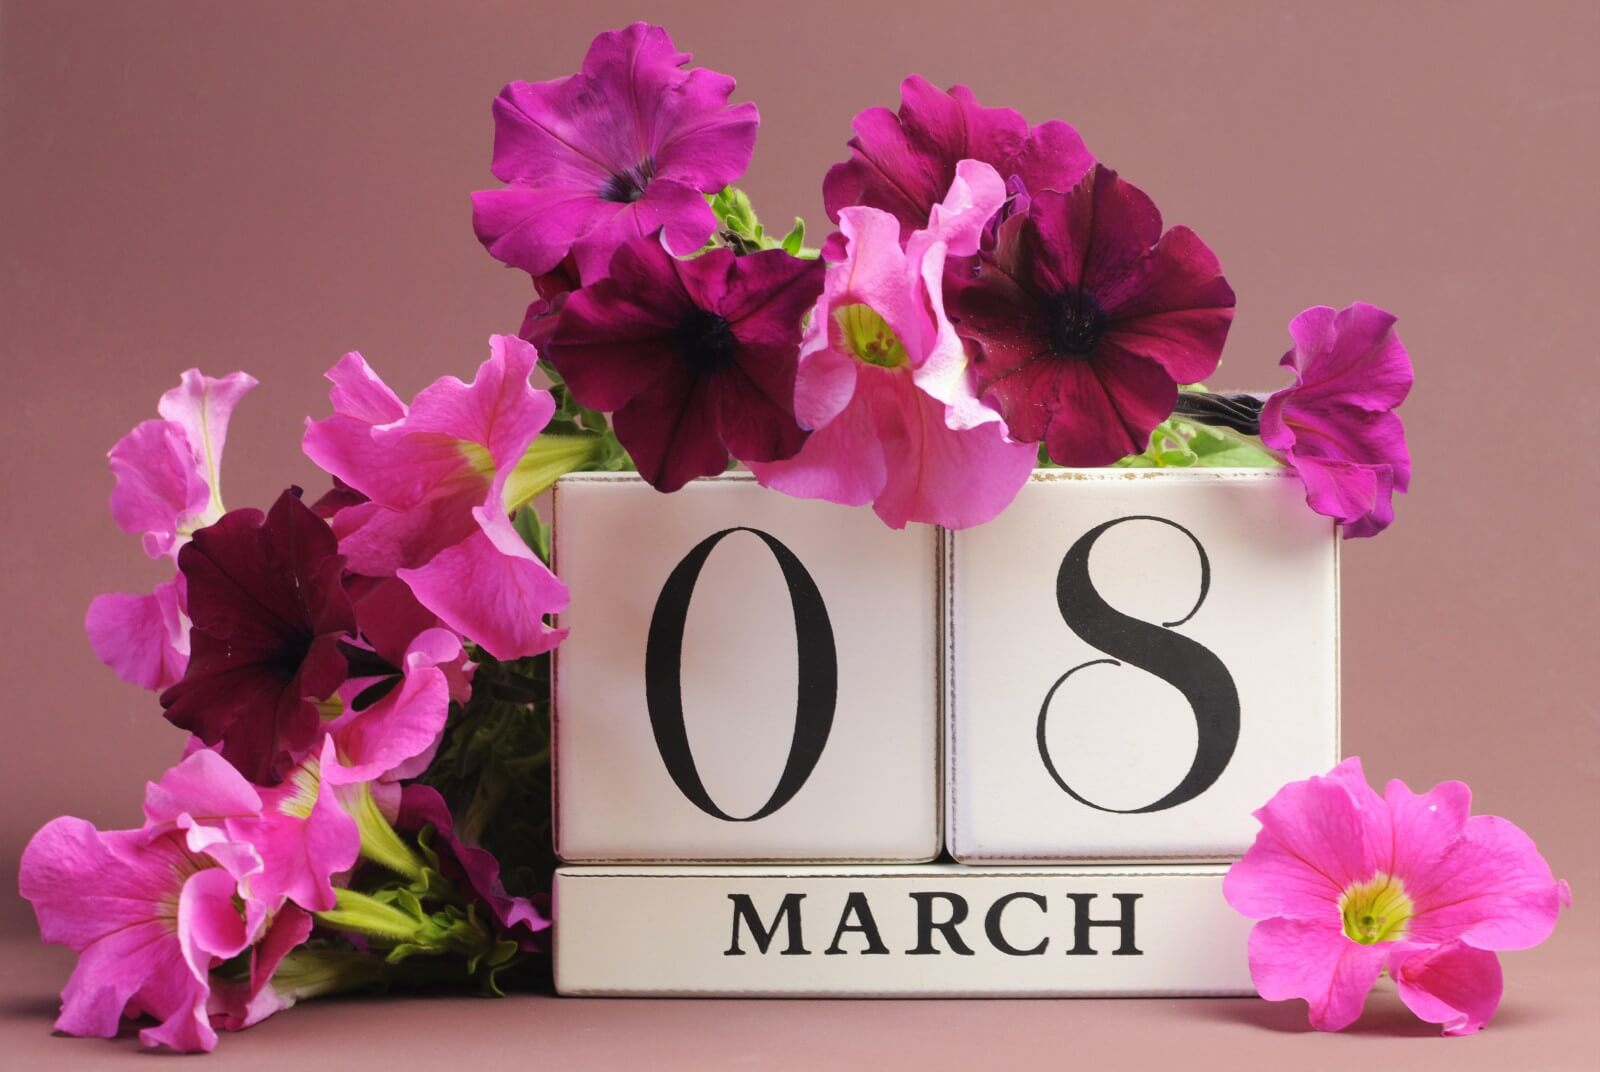 С 8 марта - первым весенним, самым теплым и солнечным праздником!